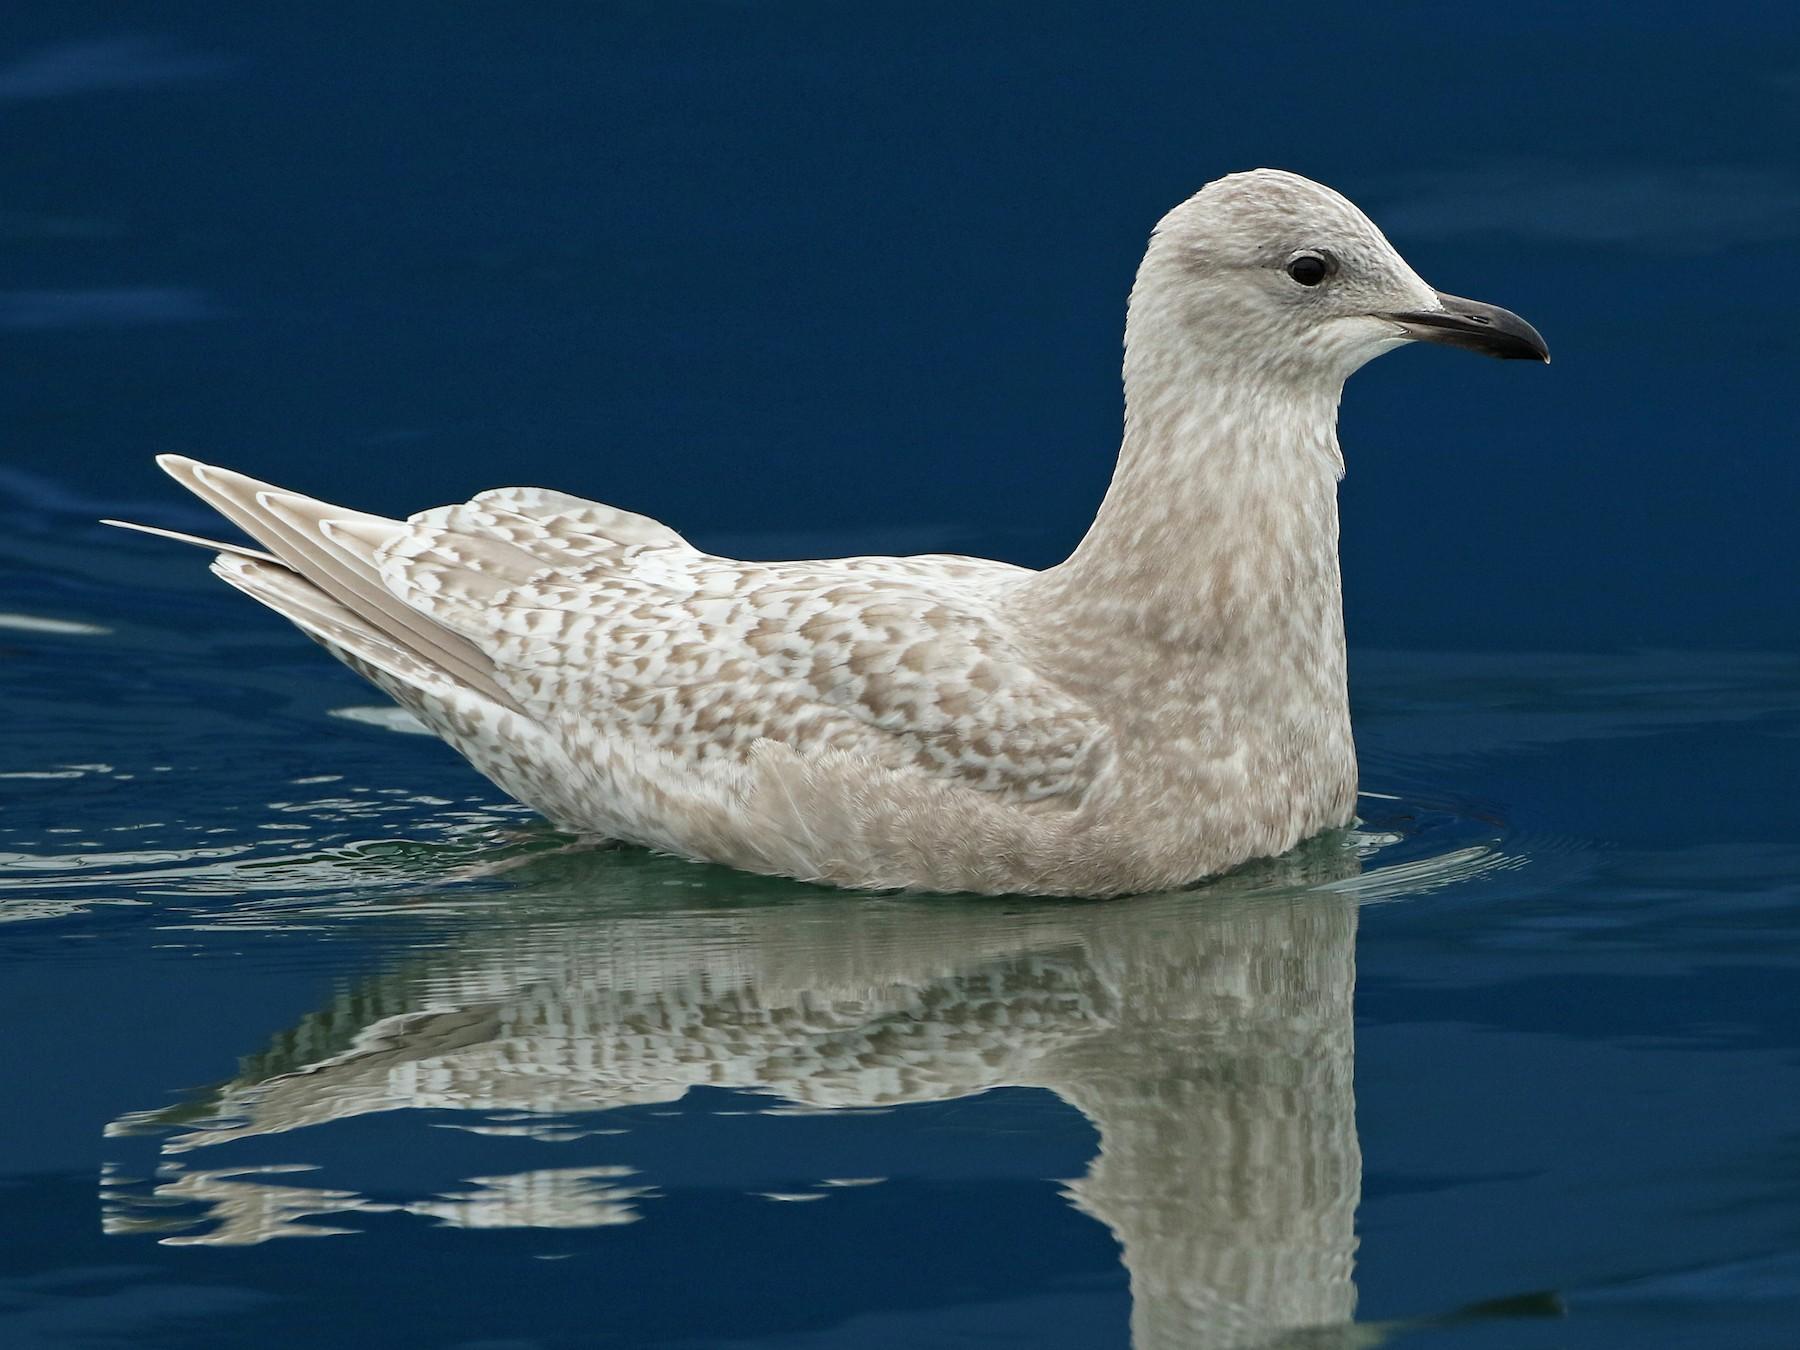 Iceland Gull - Luke Seitz